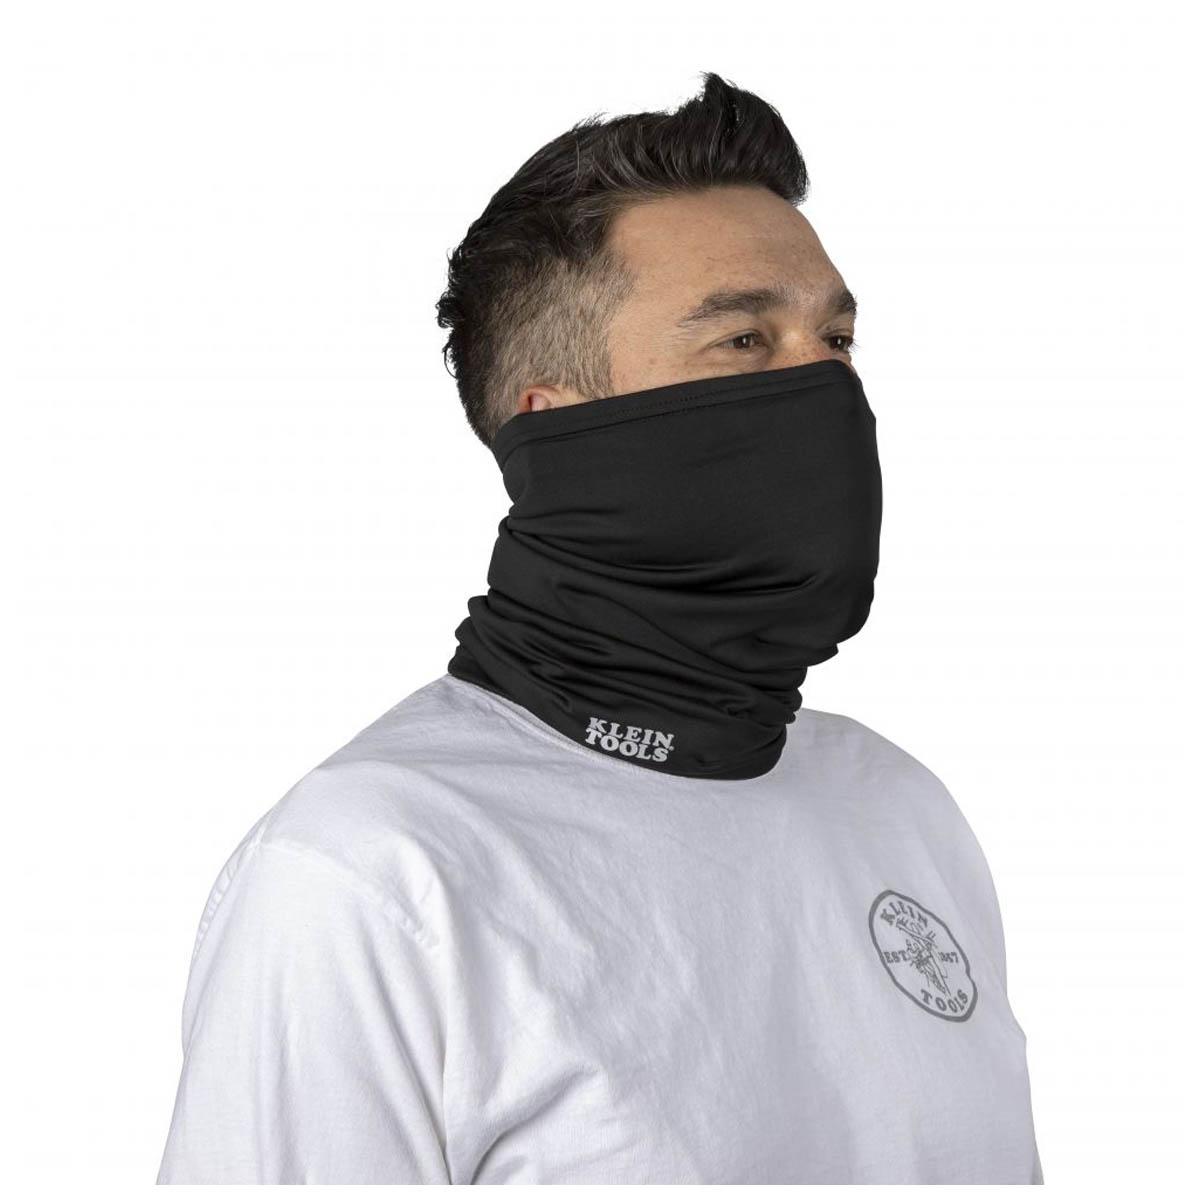 Banda Negra Calentar Cuello Cara Frio Invierno Klein Tools